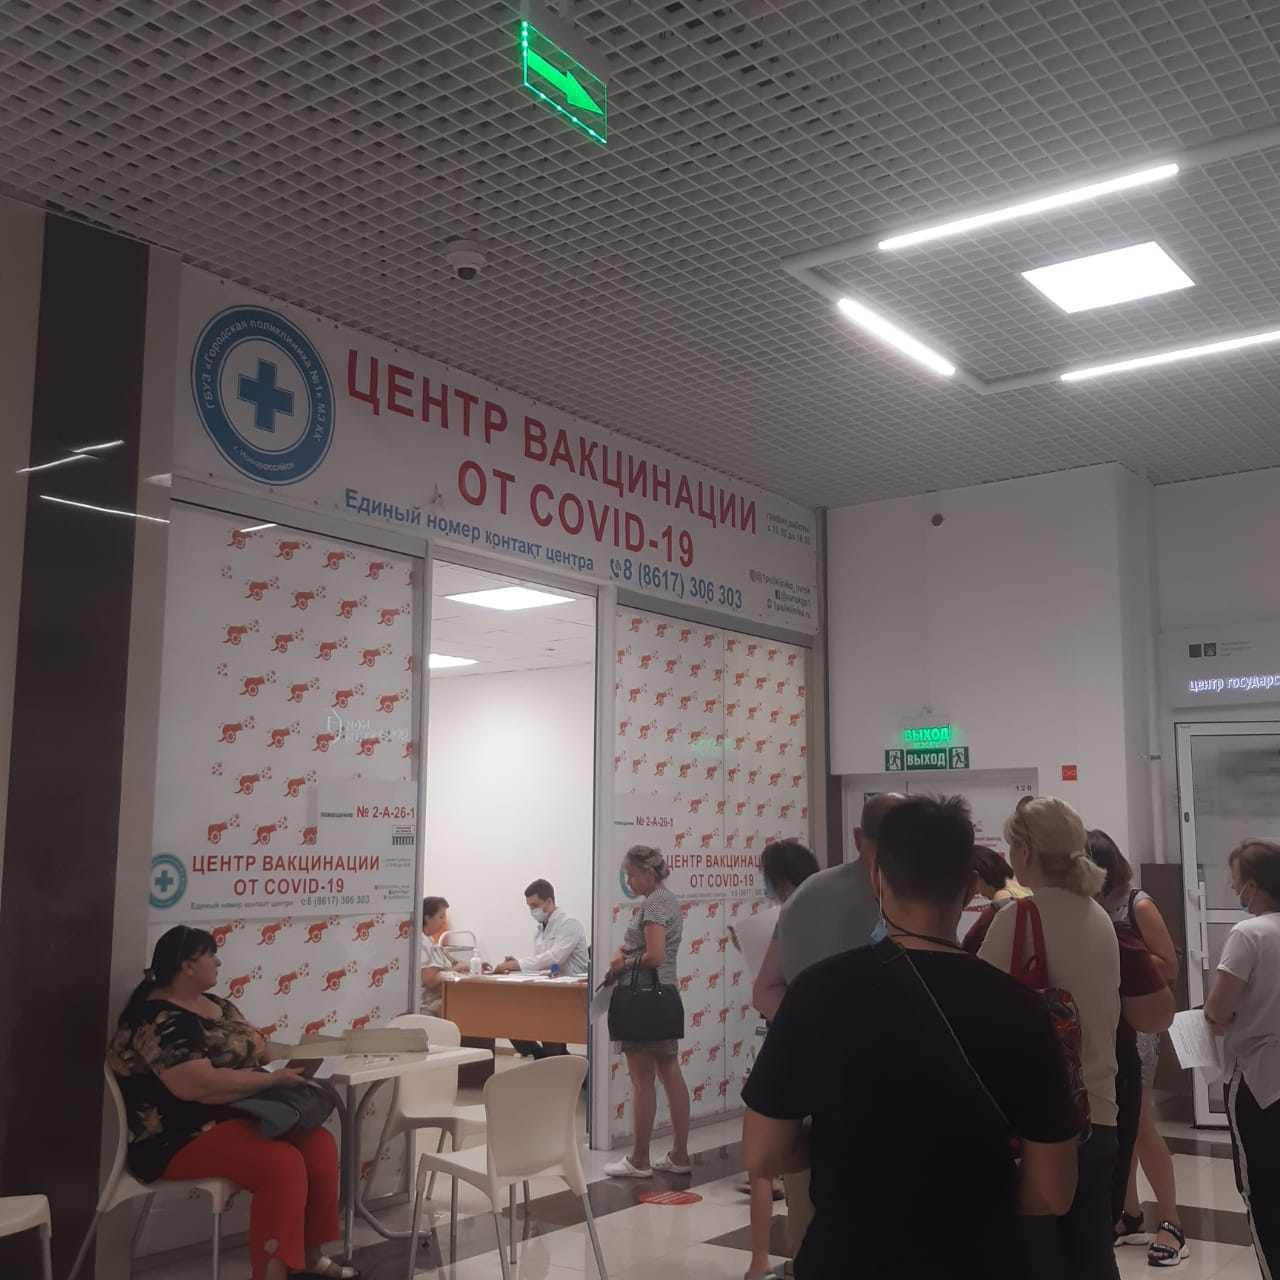 В Новороссийске очереди в пунктах вакцинации. За сутки – 6 новых случаев